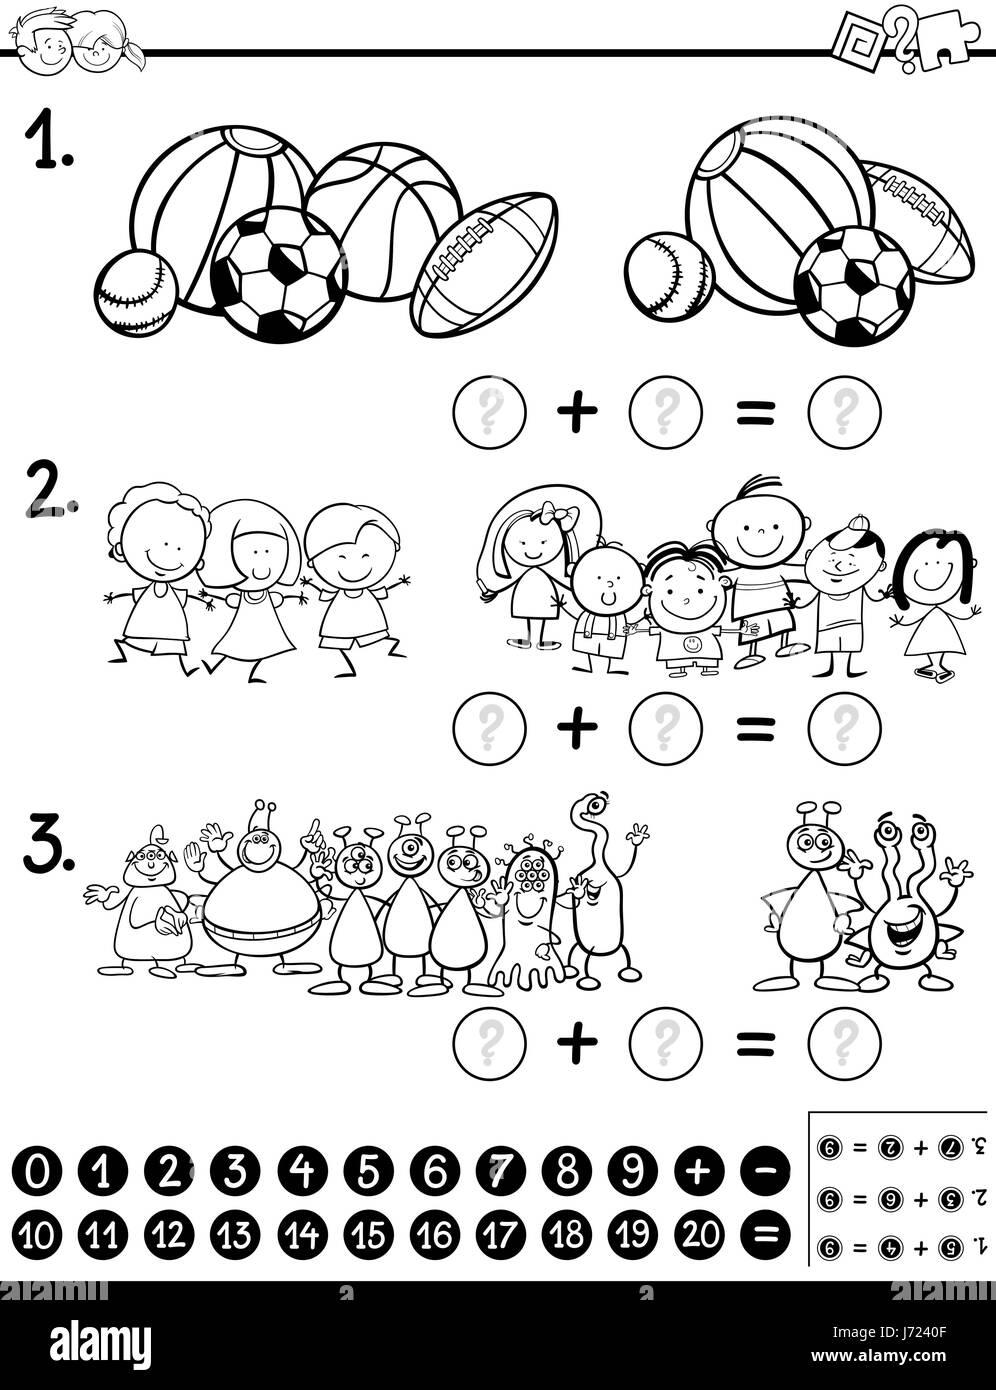 Ilustración Caricatura En Blanco Y Negro De La Actividad Matemática